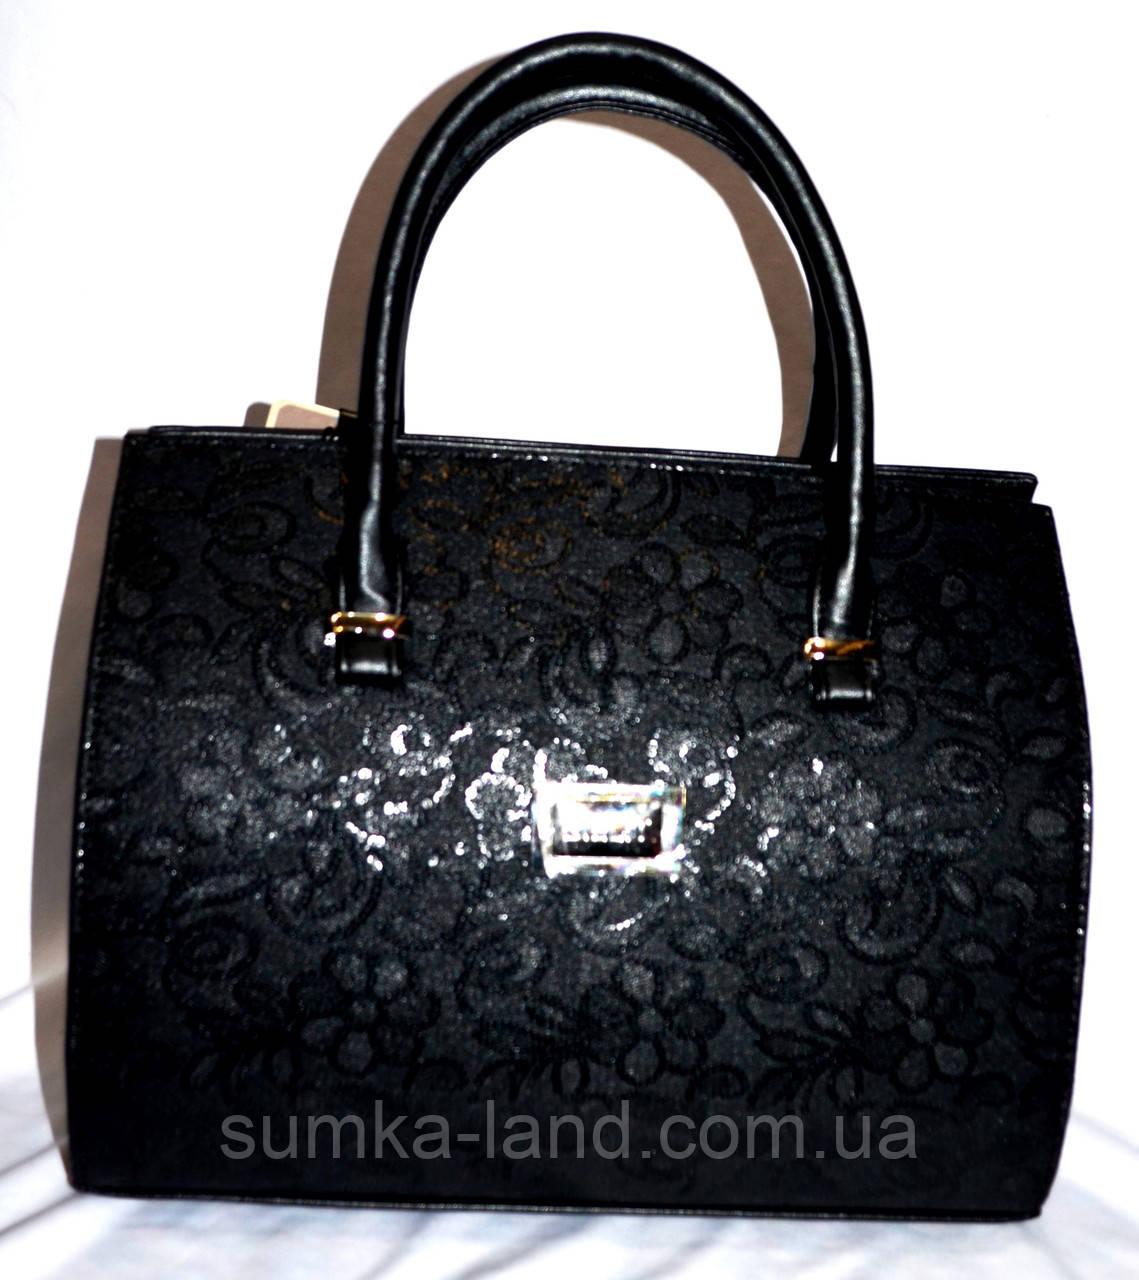 Женская черная каркасная сумка с узором 33*26 см